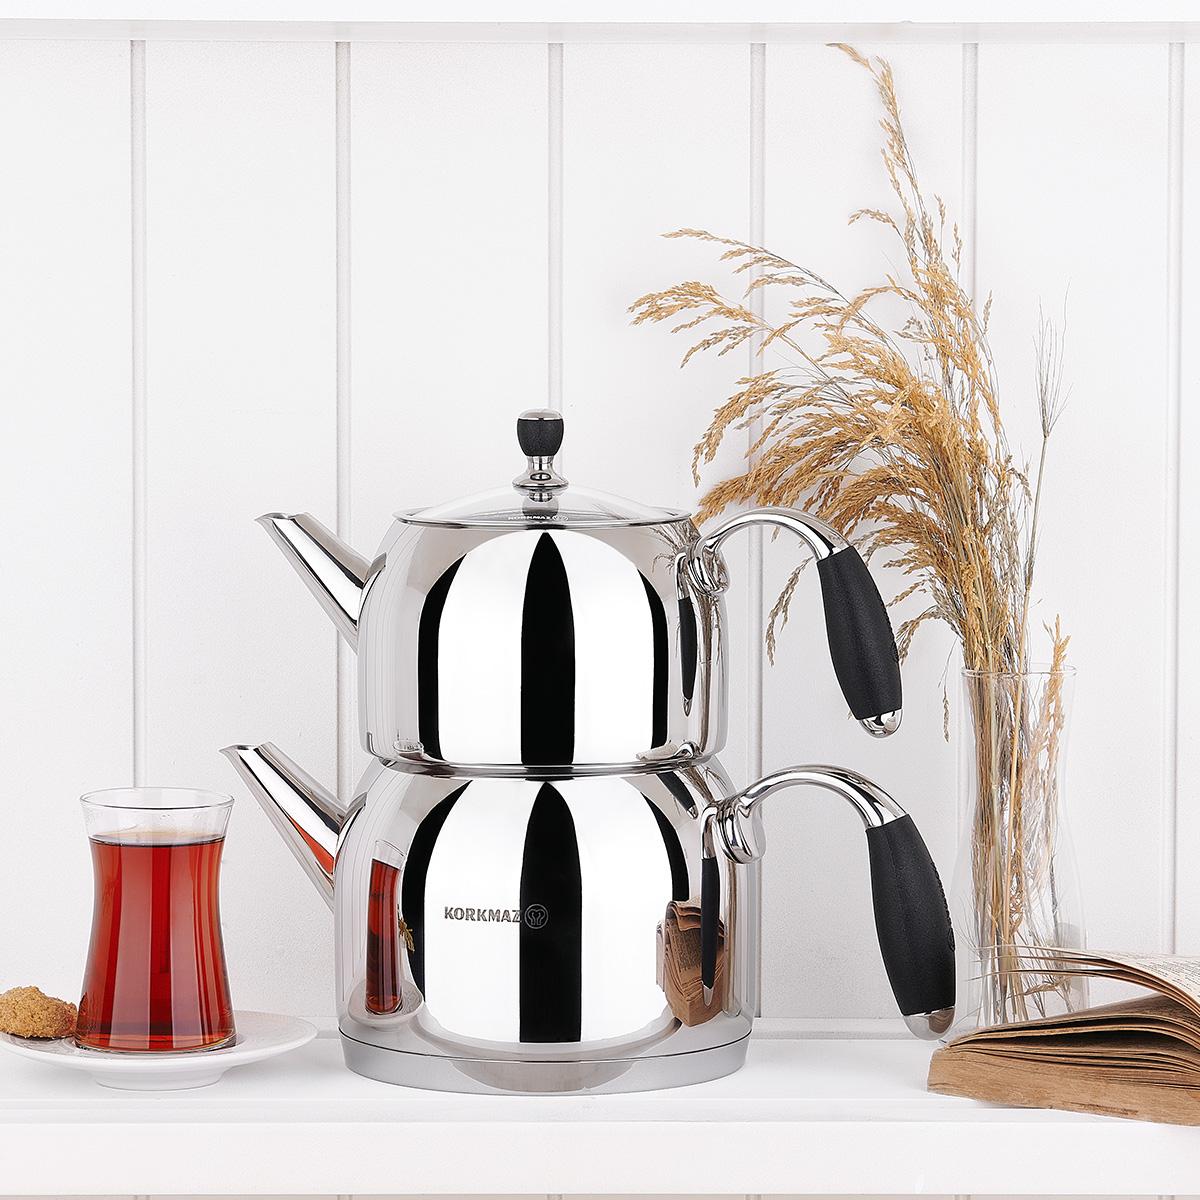 Korkmaz Flora Siyah Maxi Çaydanlık Takımı